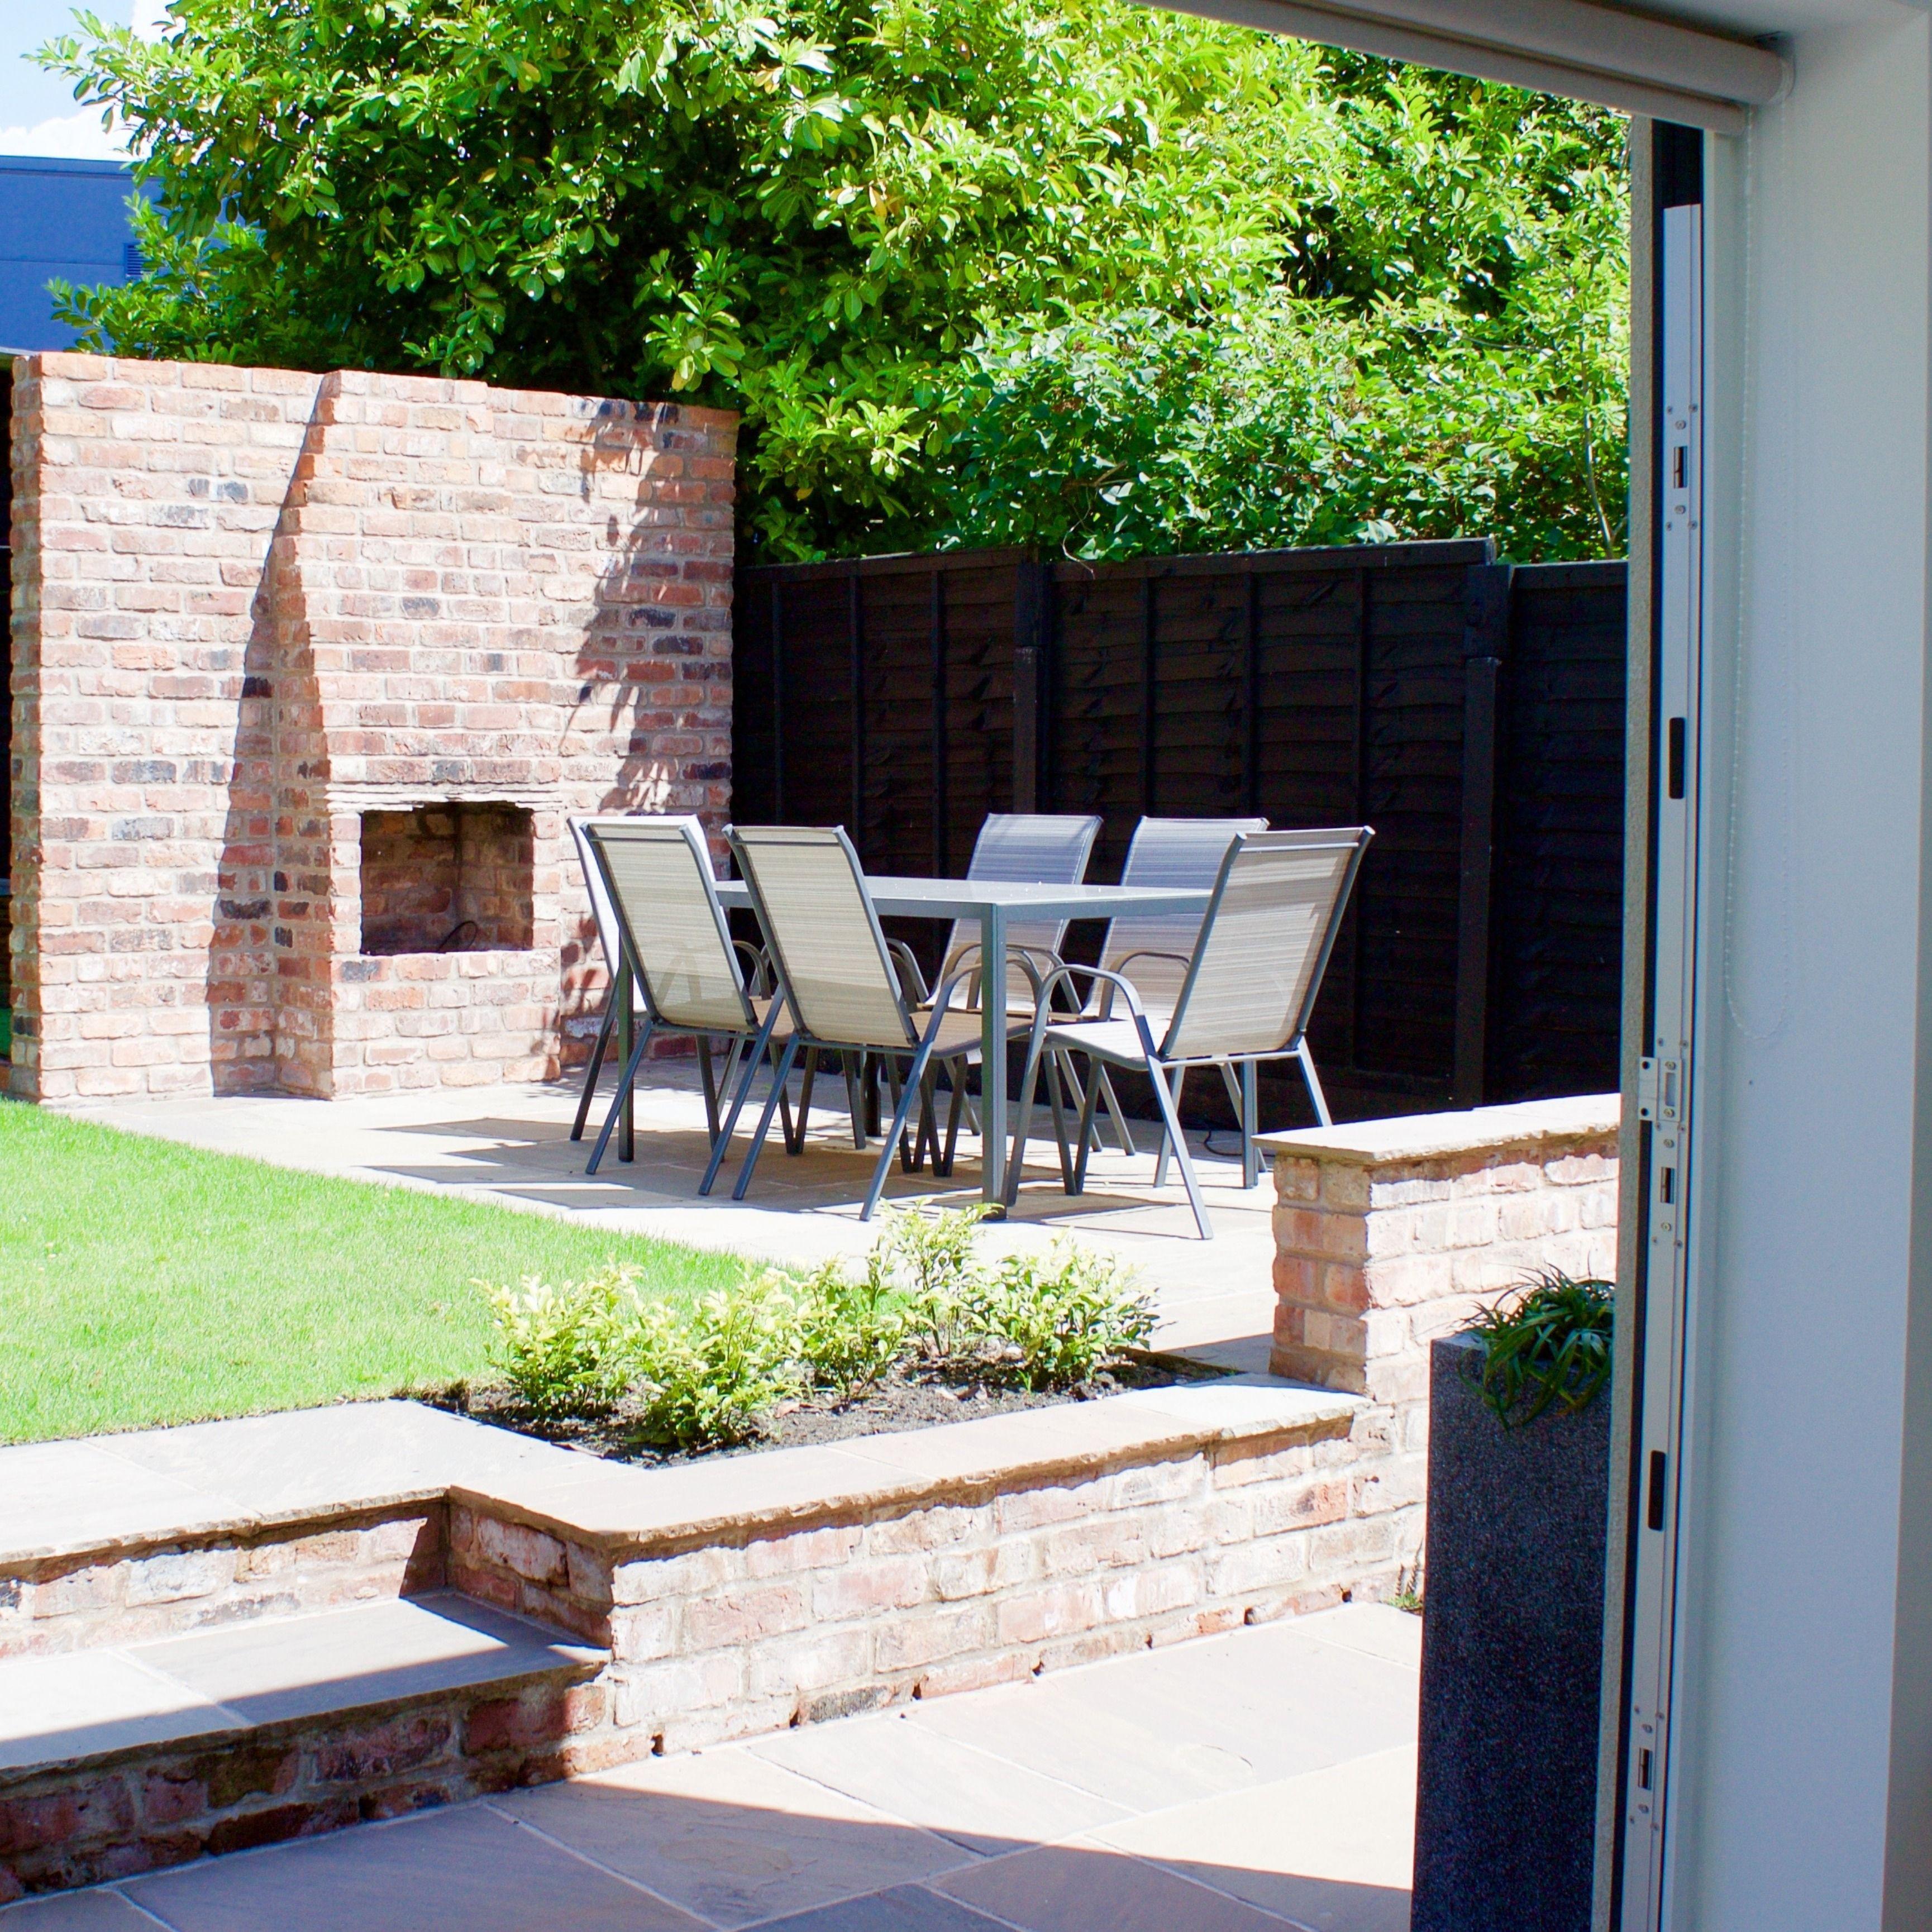 Modern Family Garden Design In Cheshire Manchester Sale Altrincham Hale Bowdon Knutsford Courtyard Design Modern Garden Design Courtyard Gardens Design